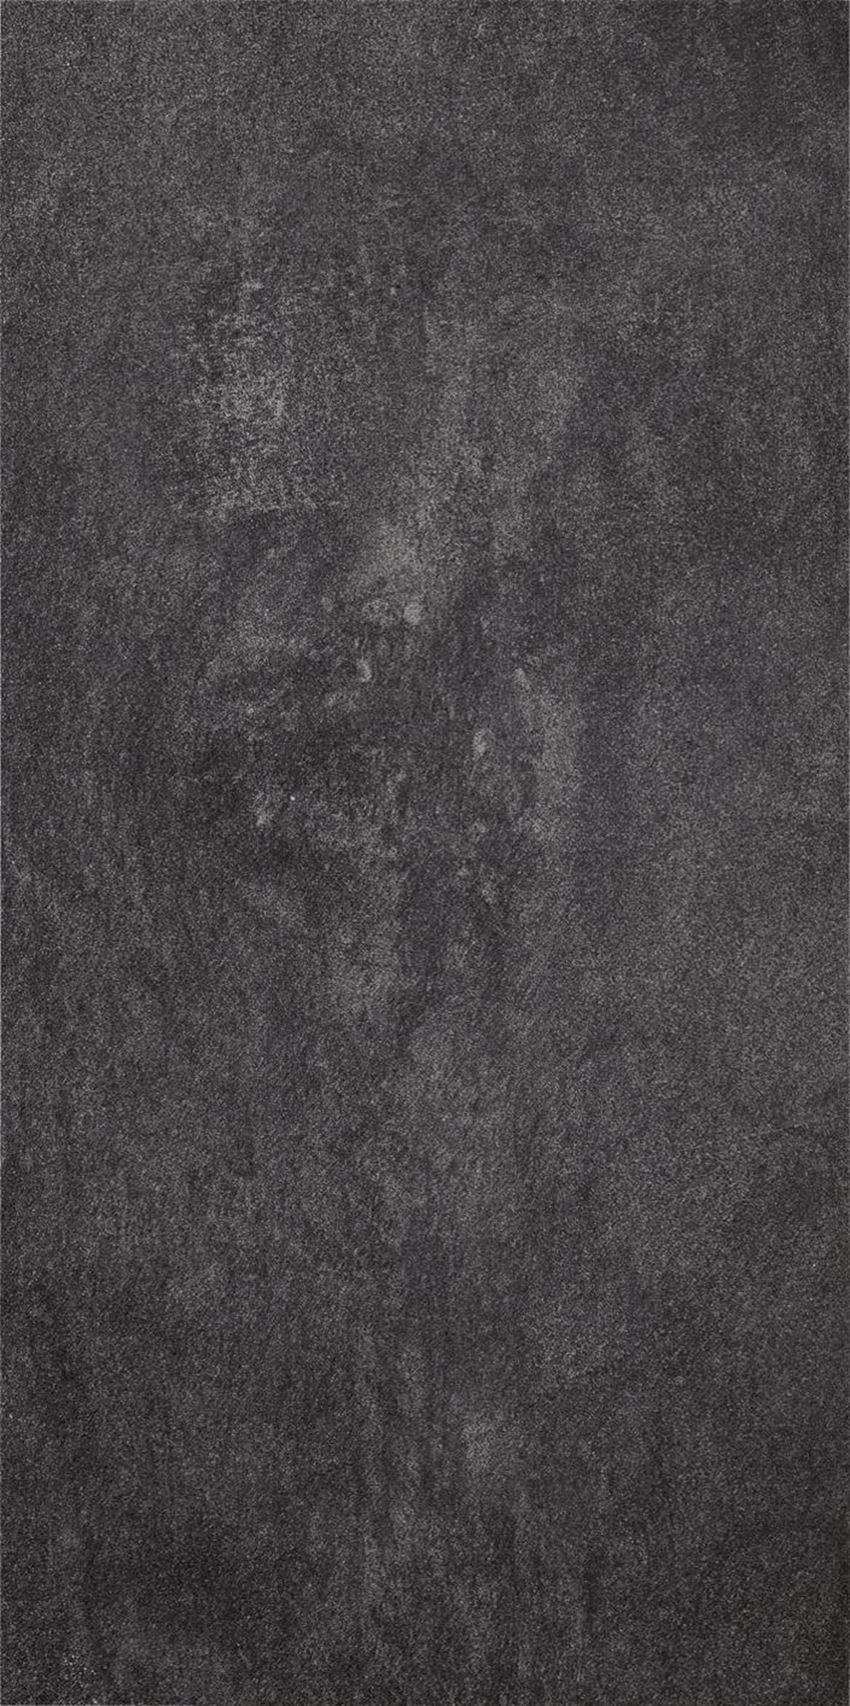 Płytka ścienno-podłogowa 29,8x59,8 cm Paradyż Taranto Grafit Gres Szkl. Rekt. Mat